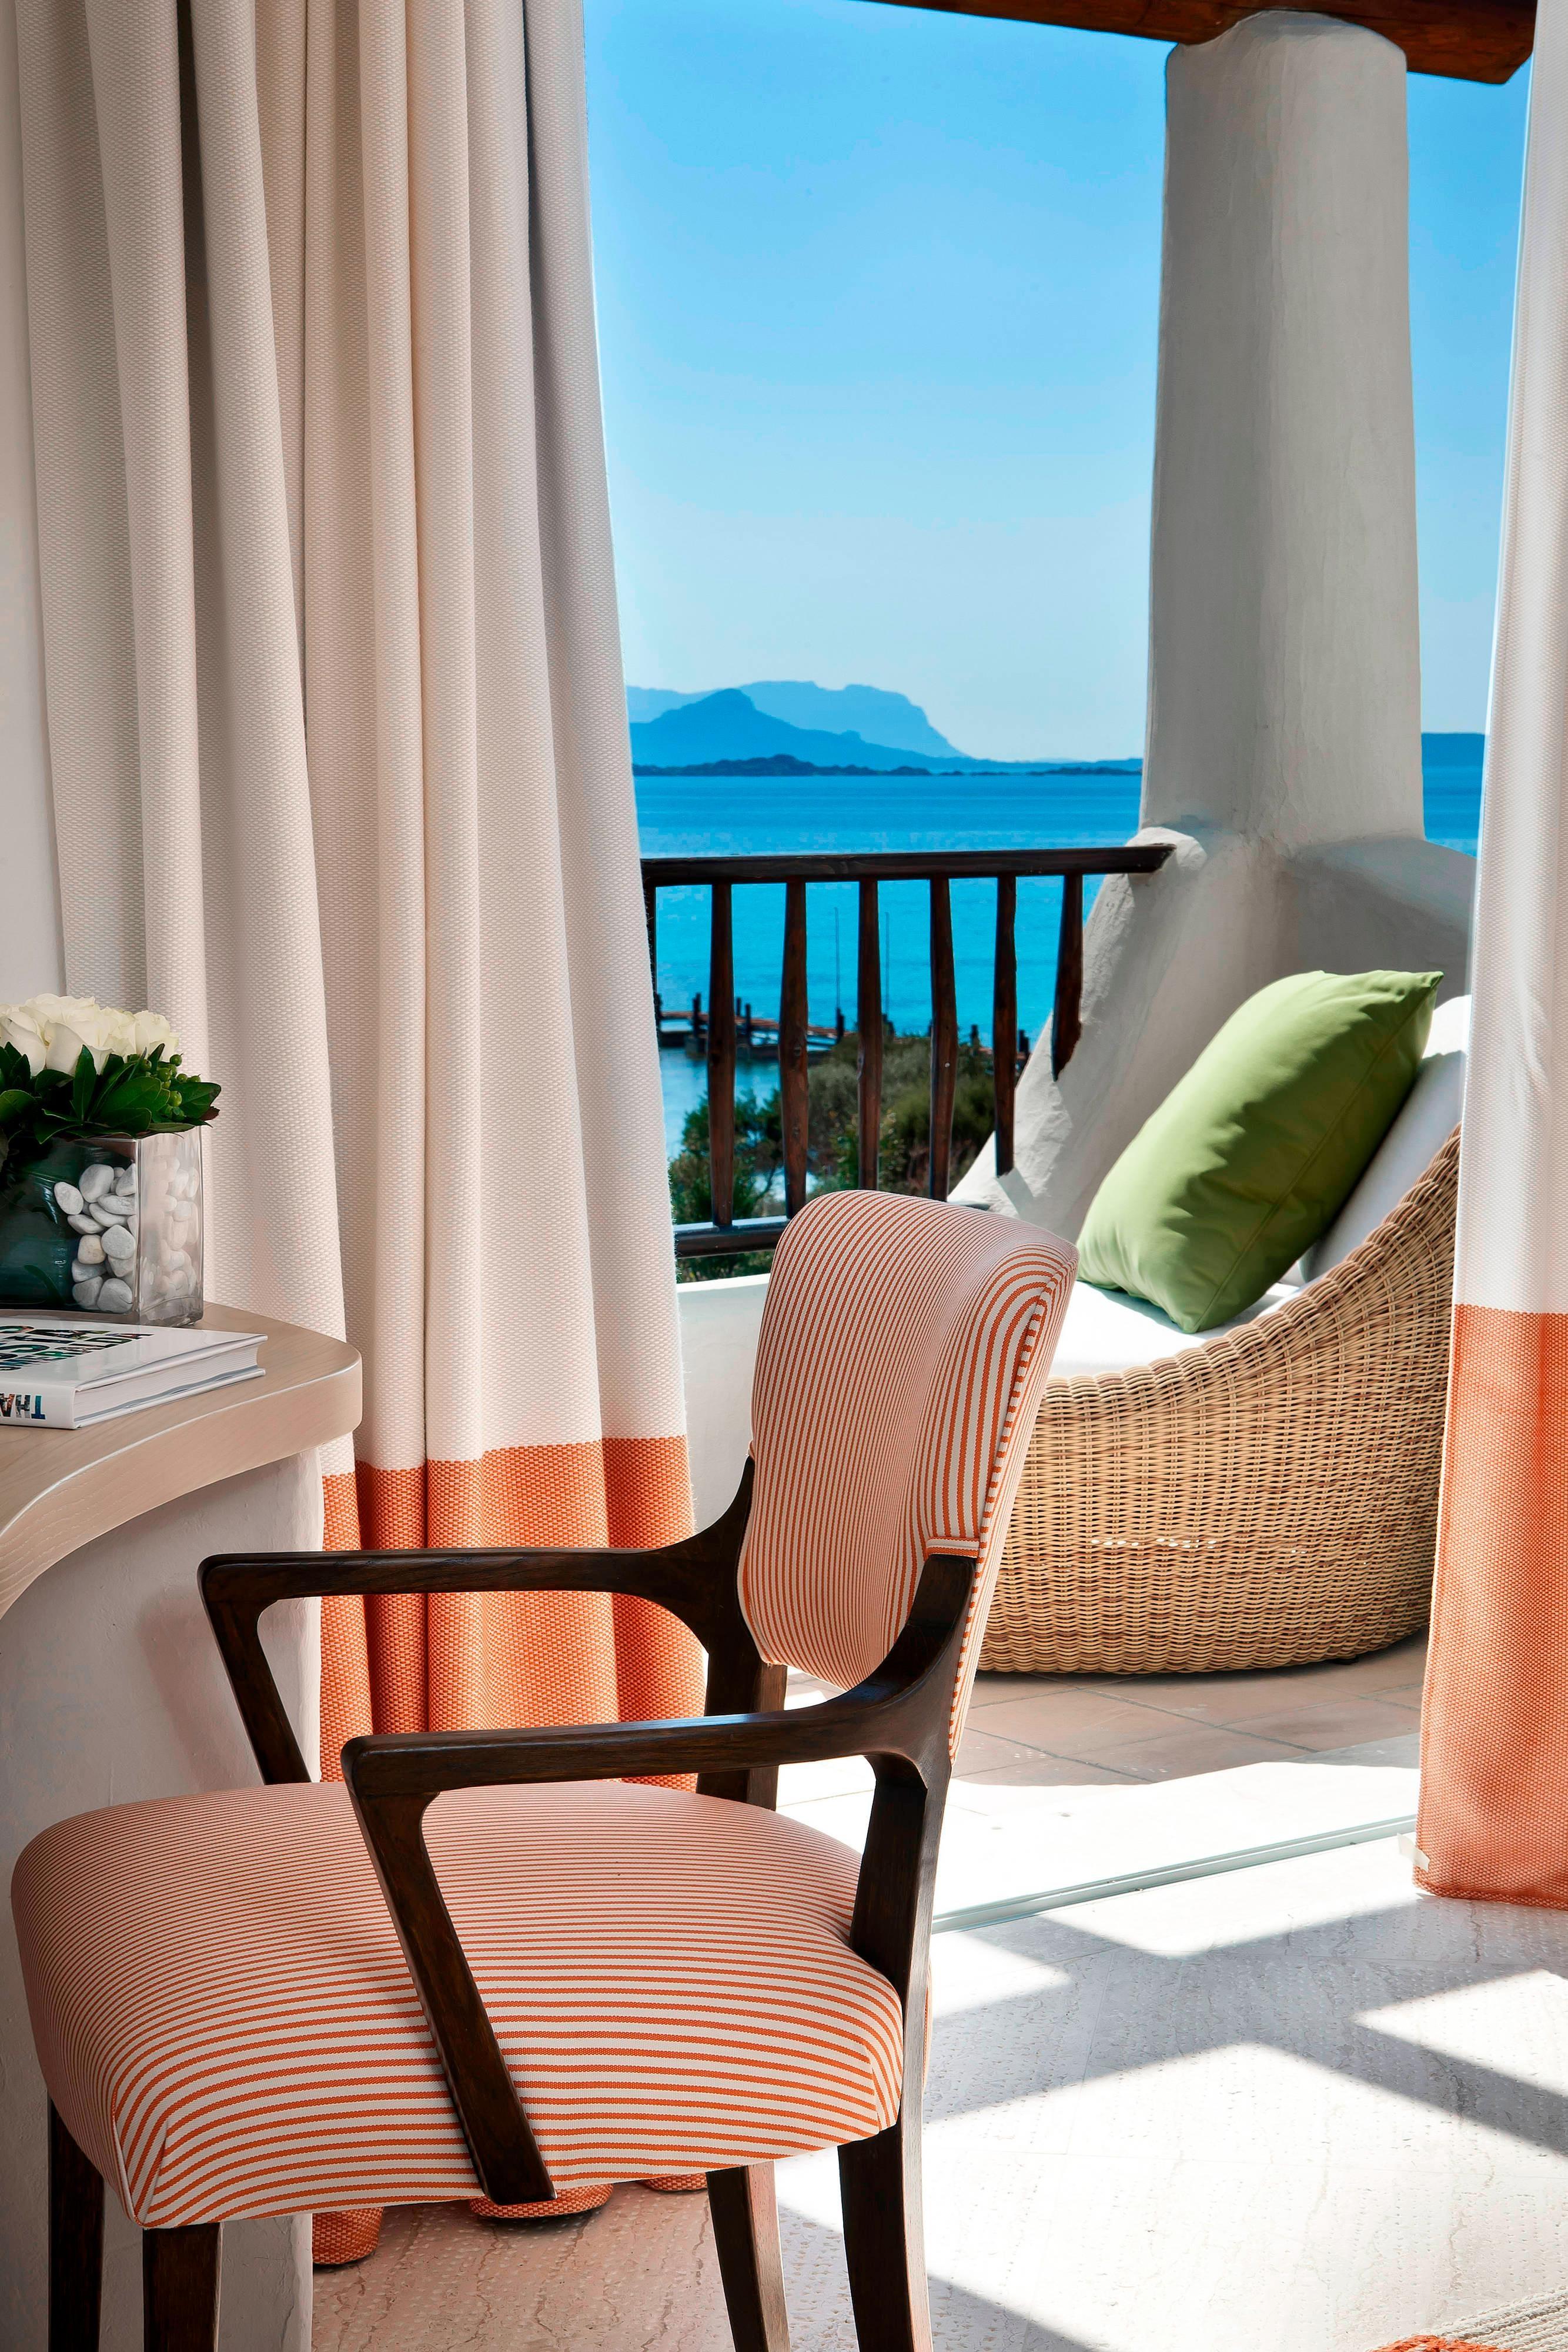 Villa Smeralda - Bedroom View